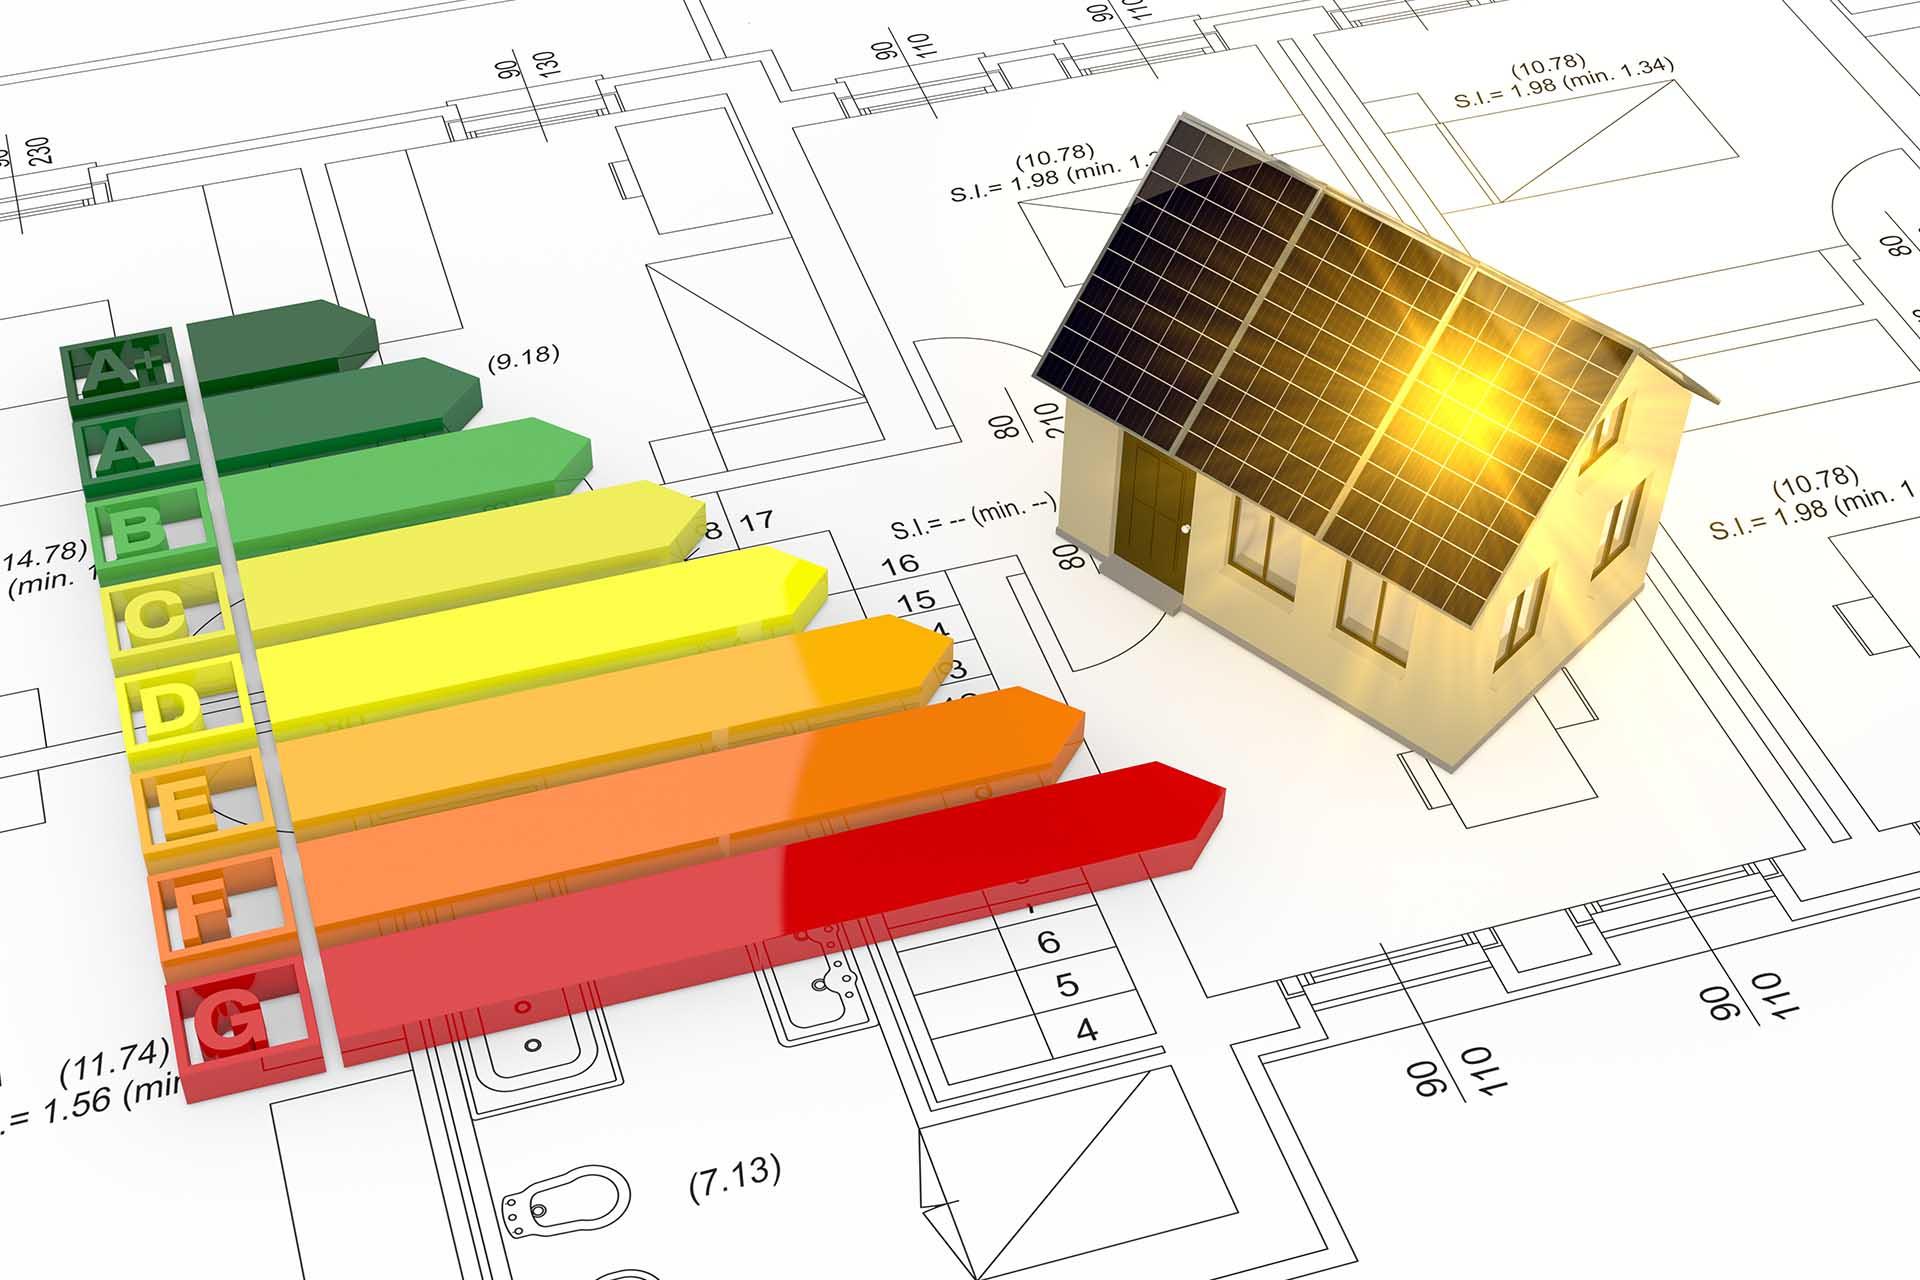 Superbonus 100% e incentivi edilizi